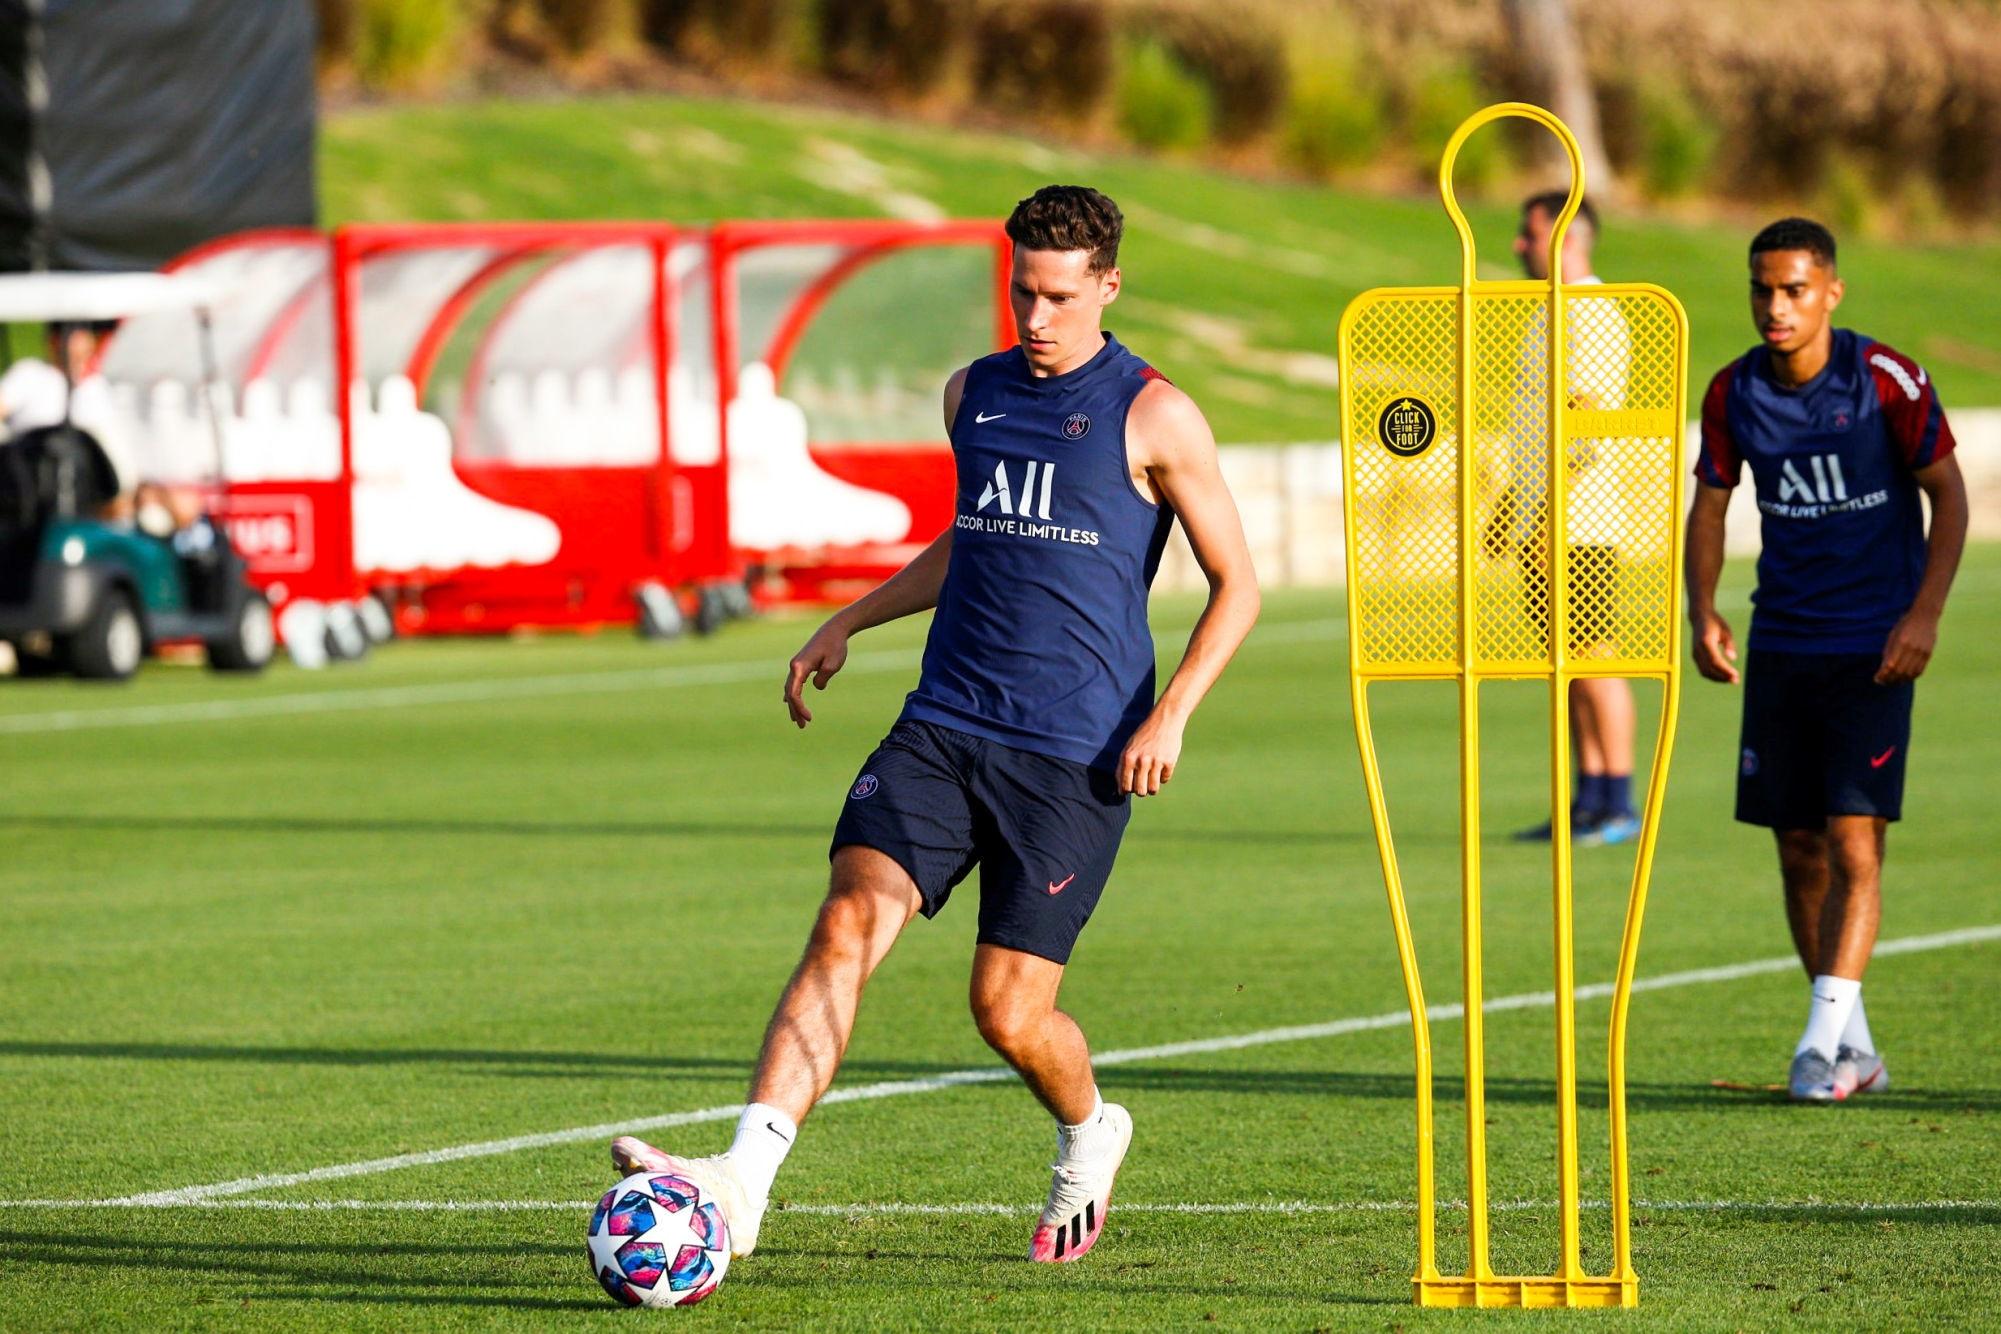 Mercato - Draxler est une cible d'Arsenal, annonce Sport Bild